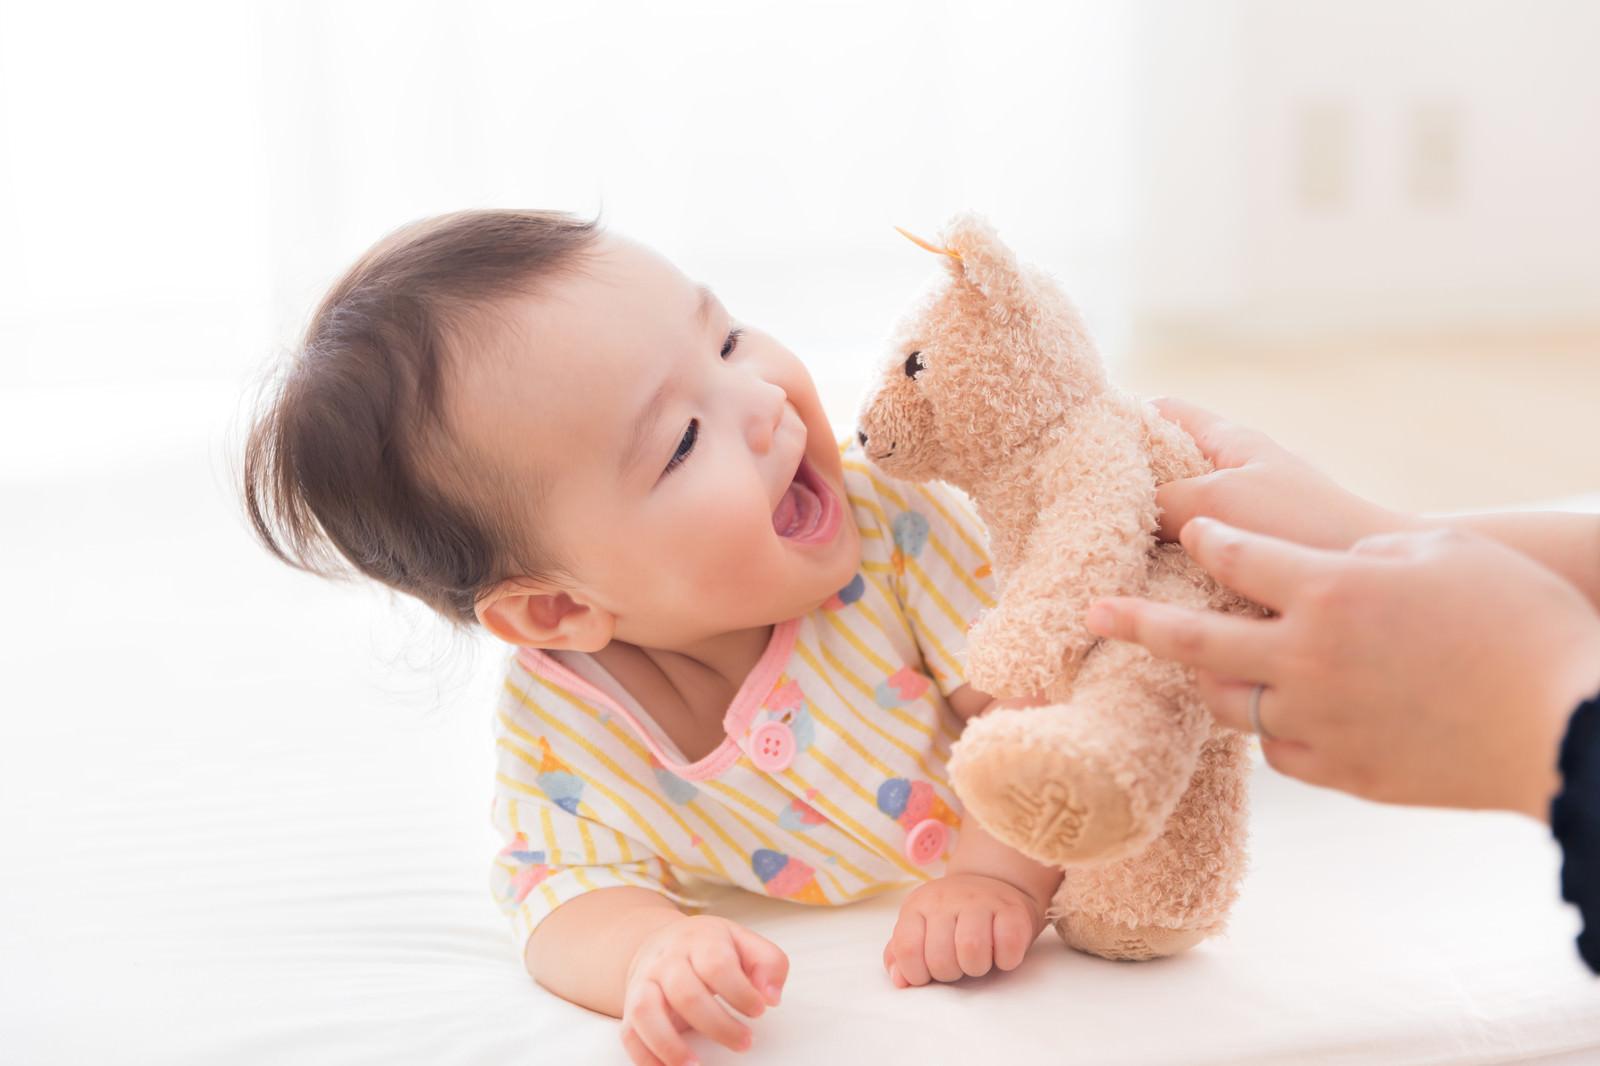 「テディベアとキャッキャする赤ちゃん | 写真の無料素材・フリー素材 - ぱくたそ」の写真[モデル:めぐな]